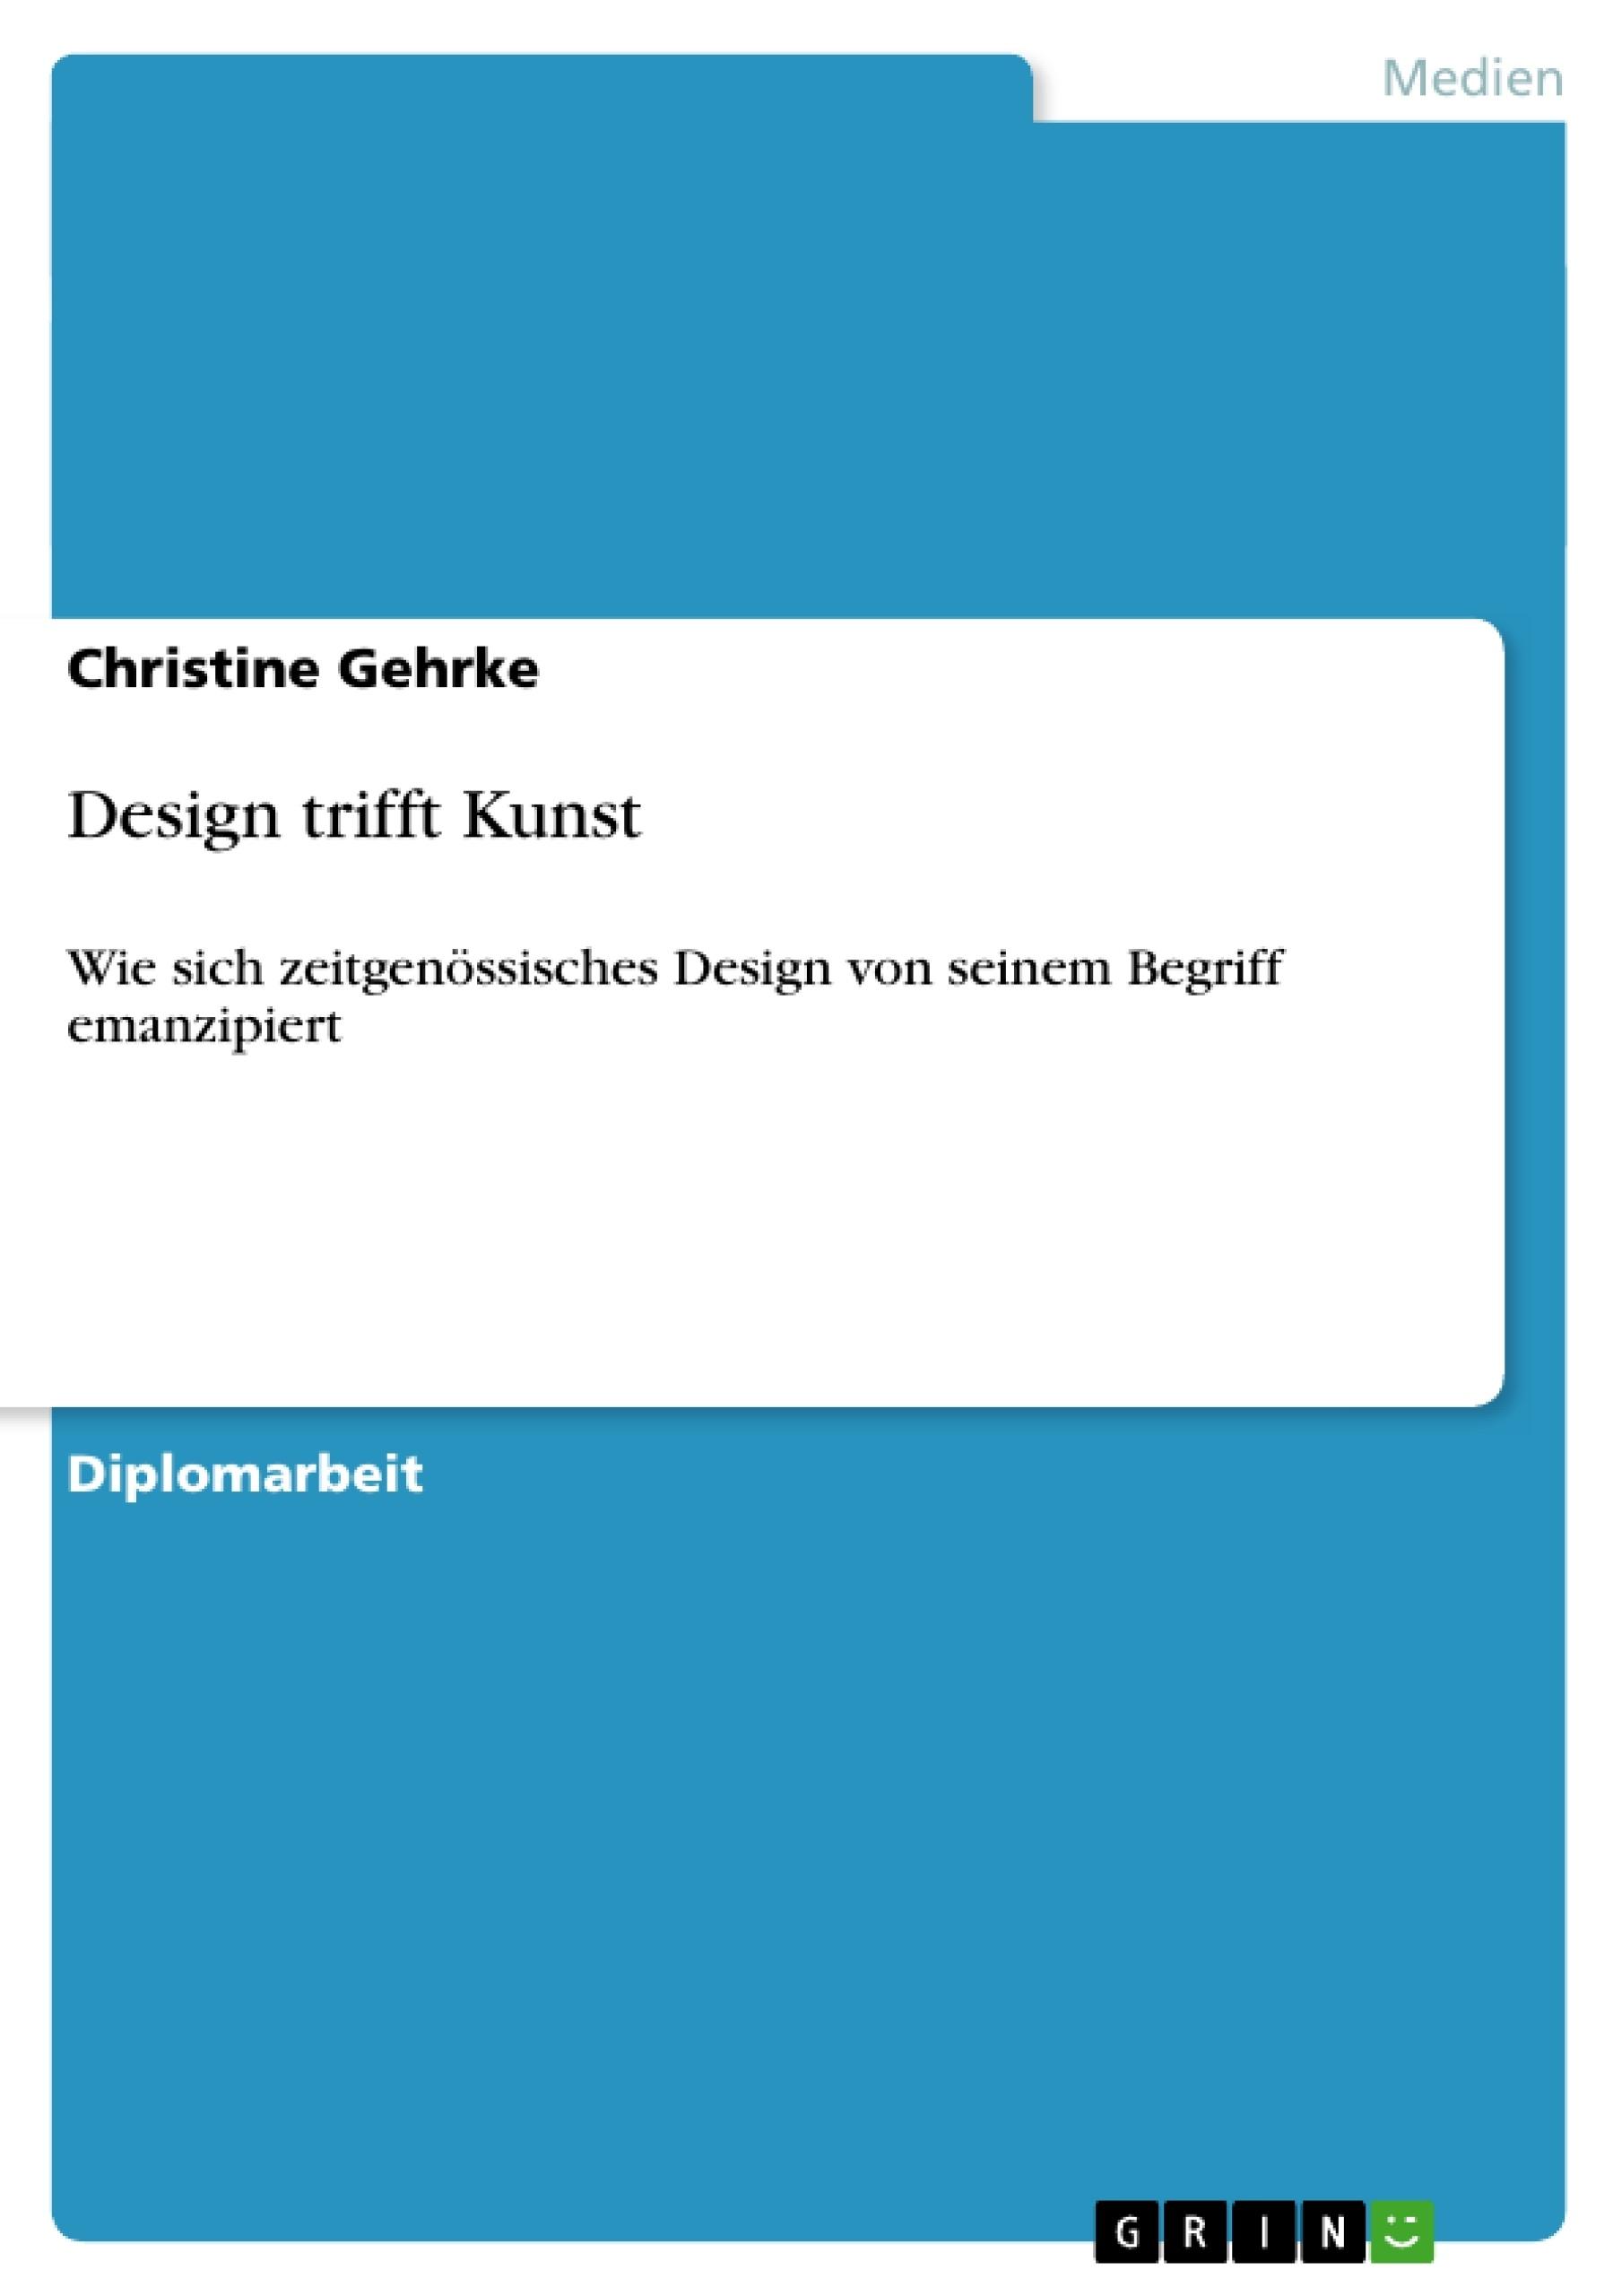 Design trifft Kunst   Masterarbeit, Hausarbeit, Bachelorarbeit ...